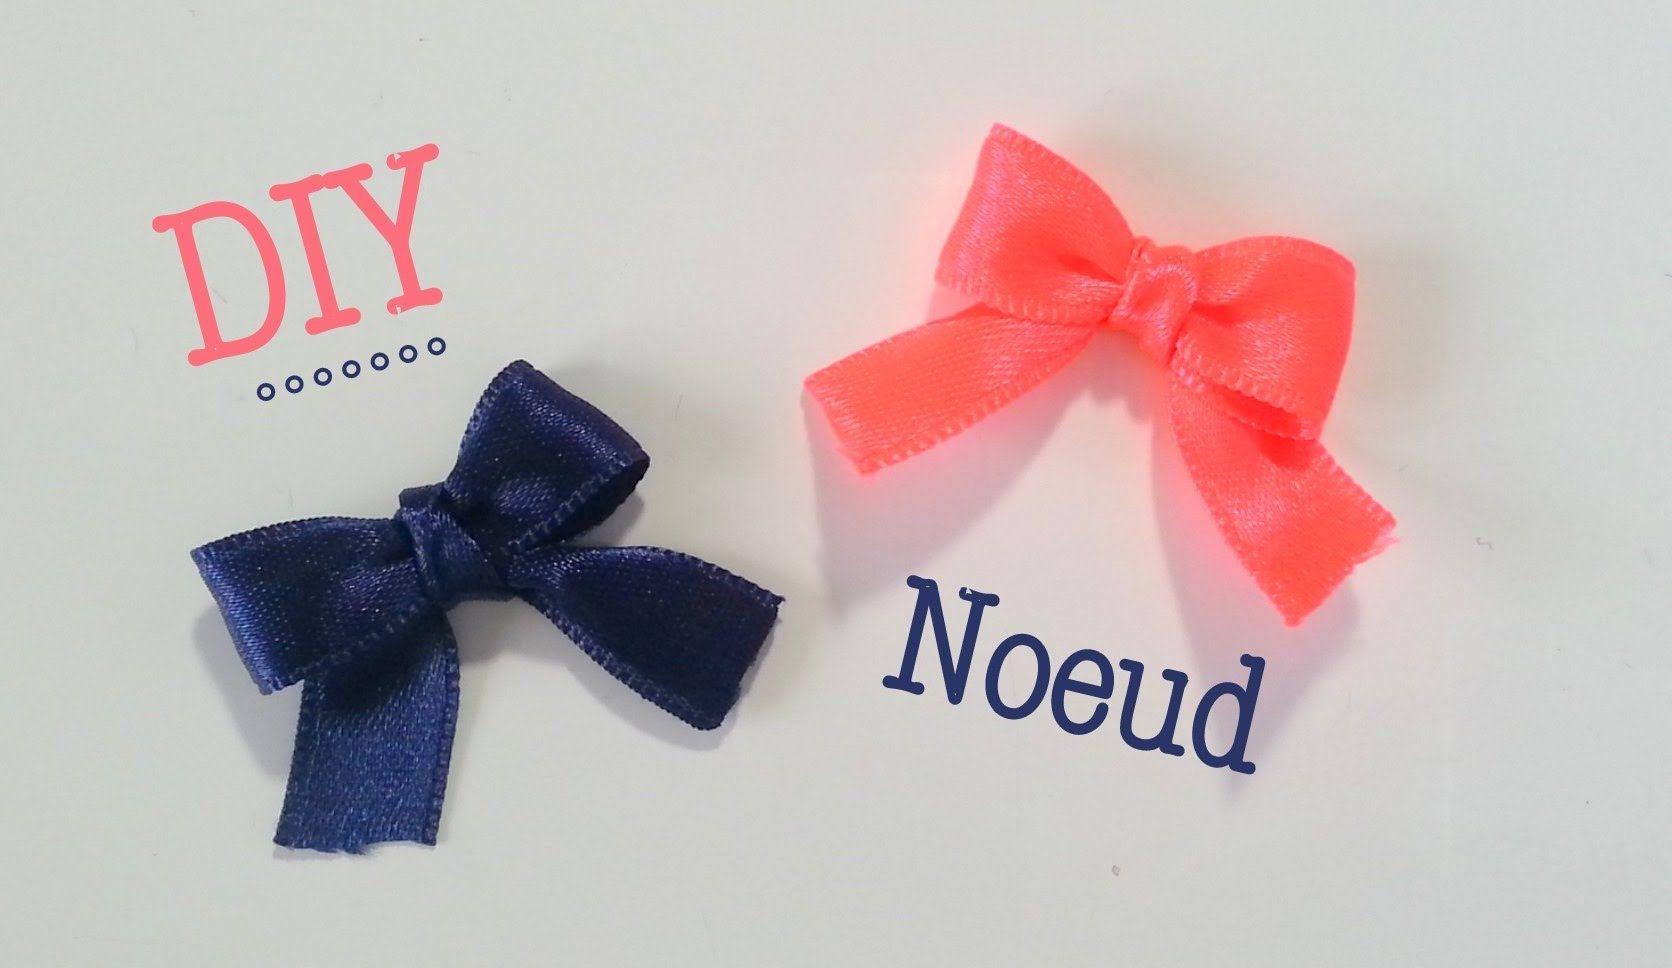 Diy Faire Des Petits Noeuds Ruban Avec Une Fourchette Nœud En